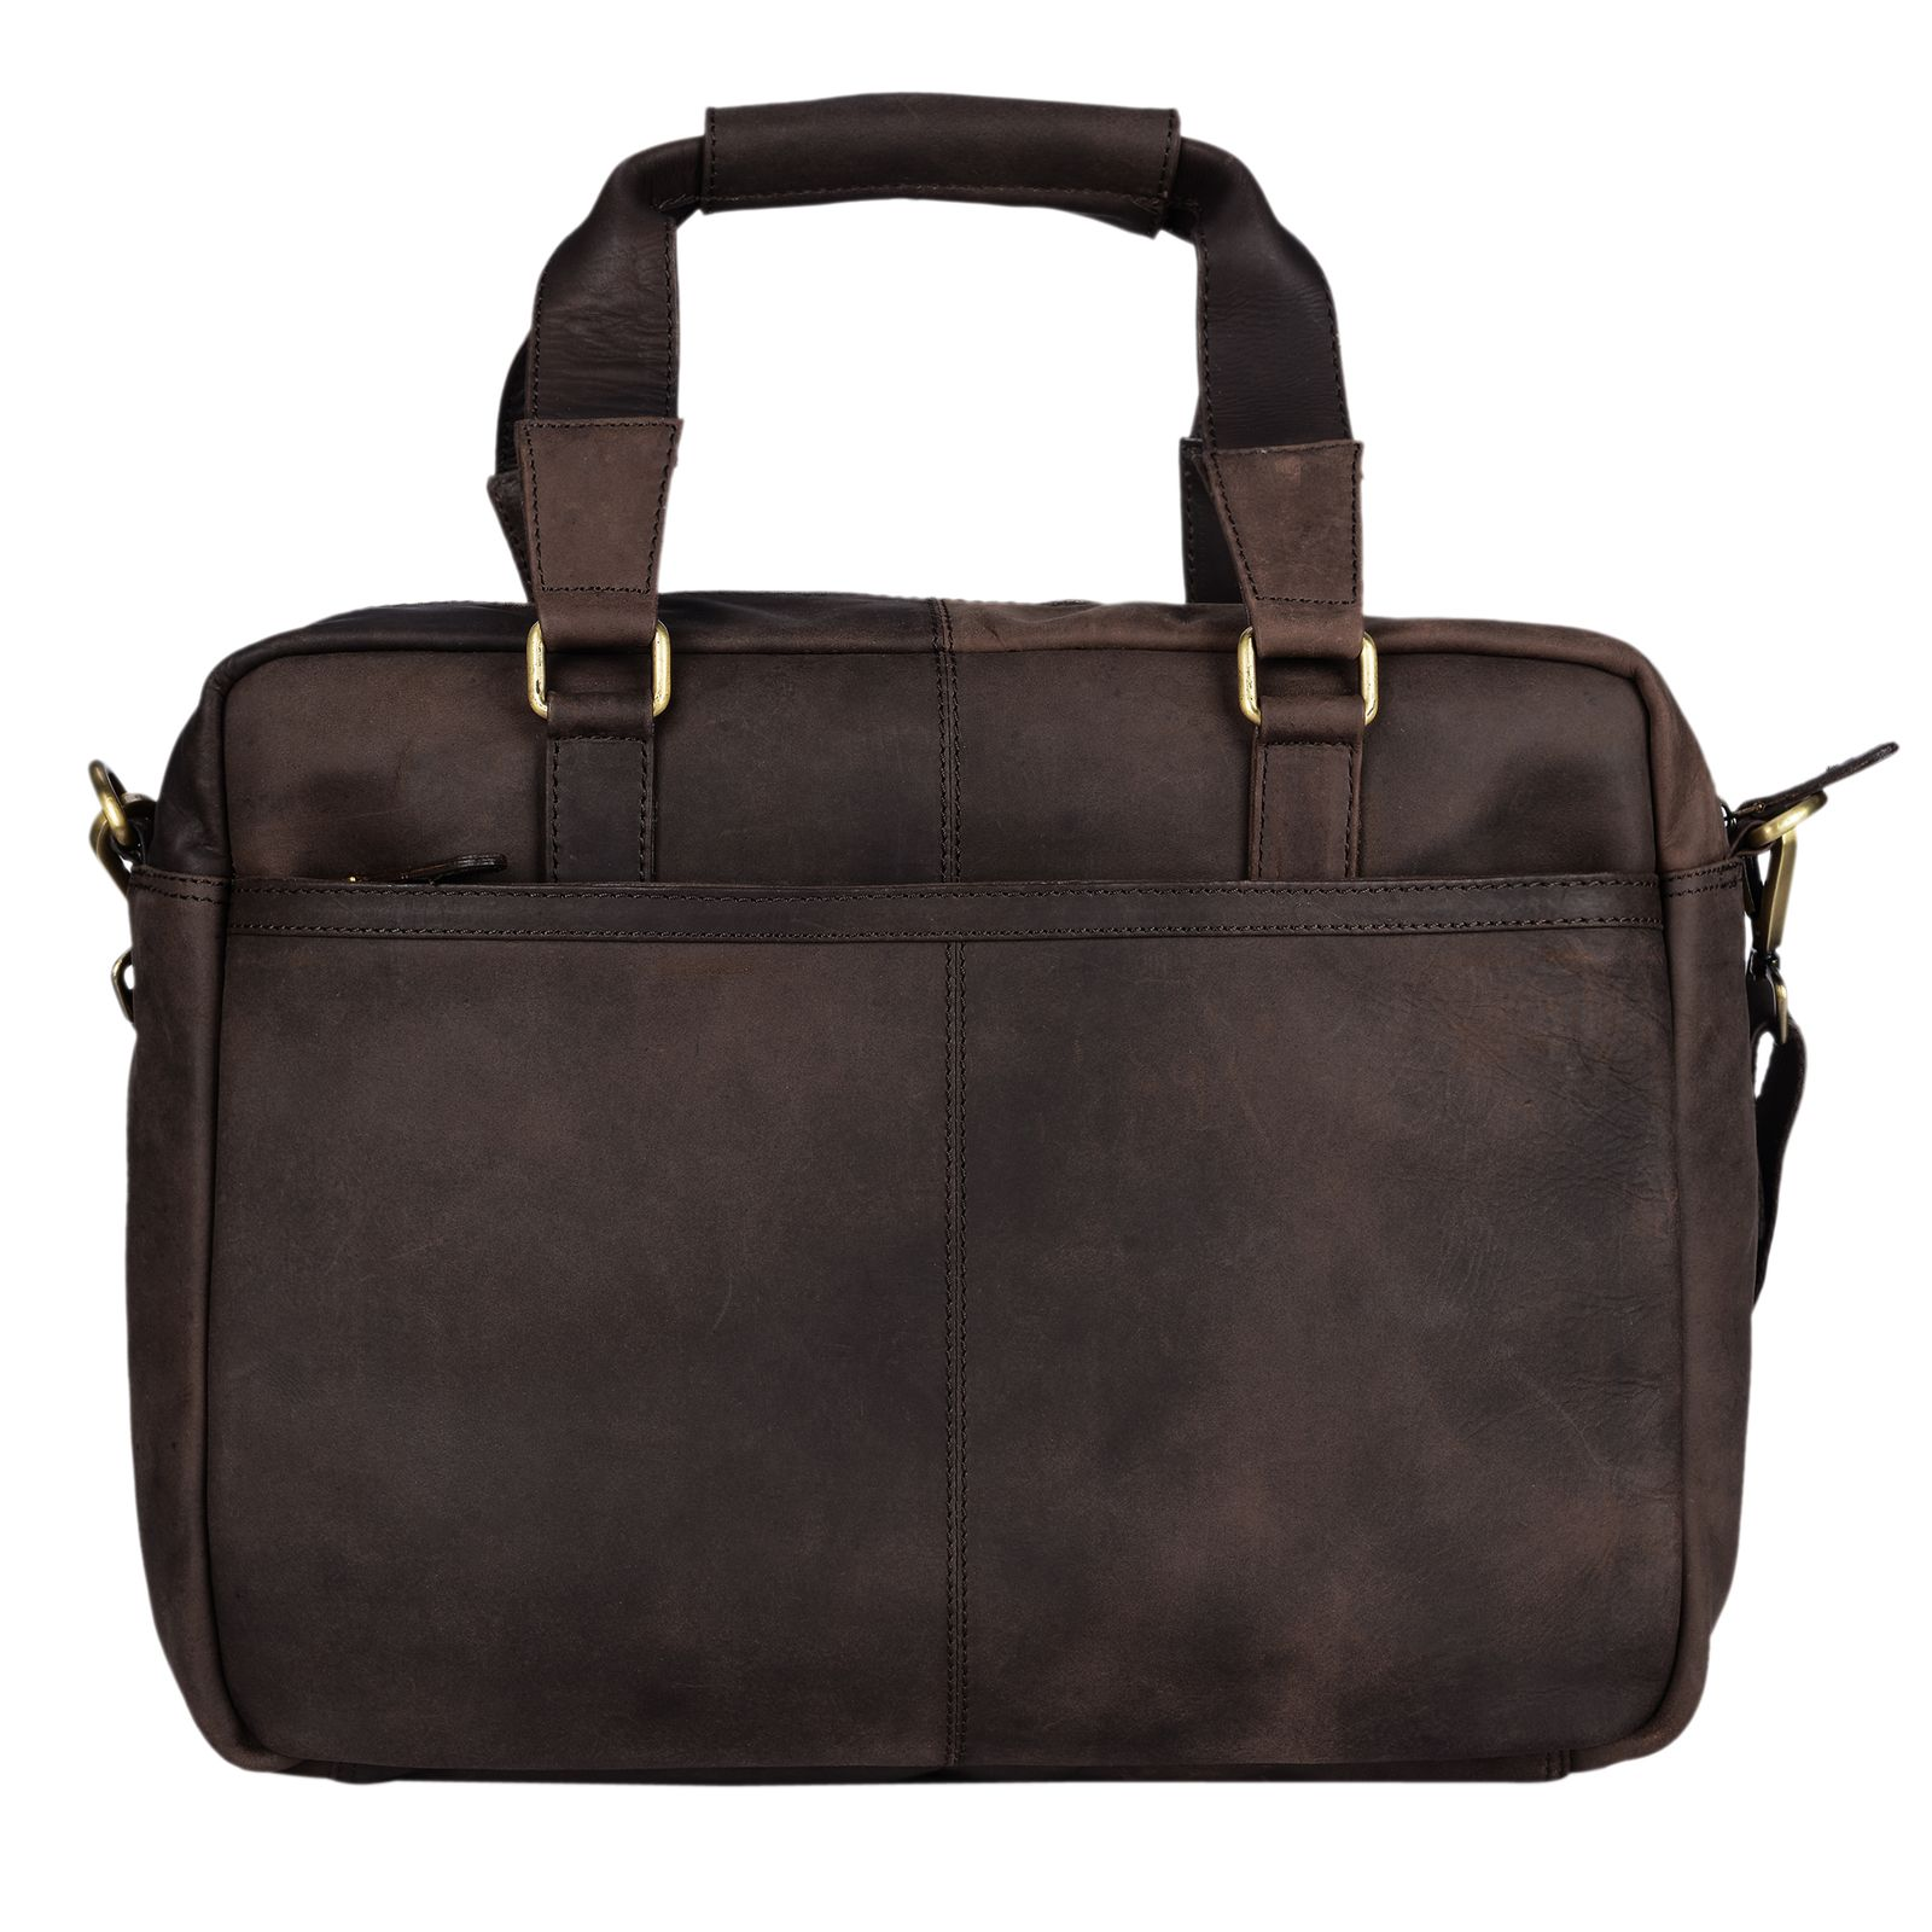 """STILORD """"Vitus"""" Ledertasche Männer Frauen braun tragbar als Vintage Umhängetasche große Handtasche mit 15.6 Zoll Laptopfach ideal als College Bag Bürotasche Aktentasche - Bild 21"""